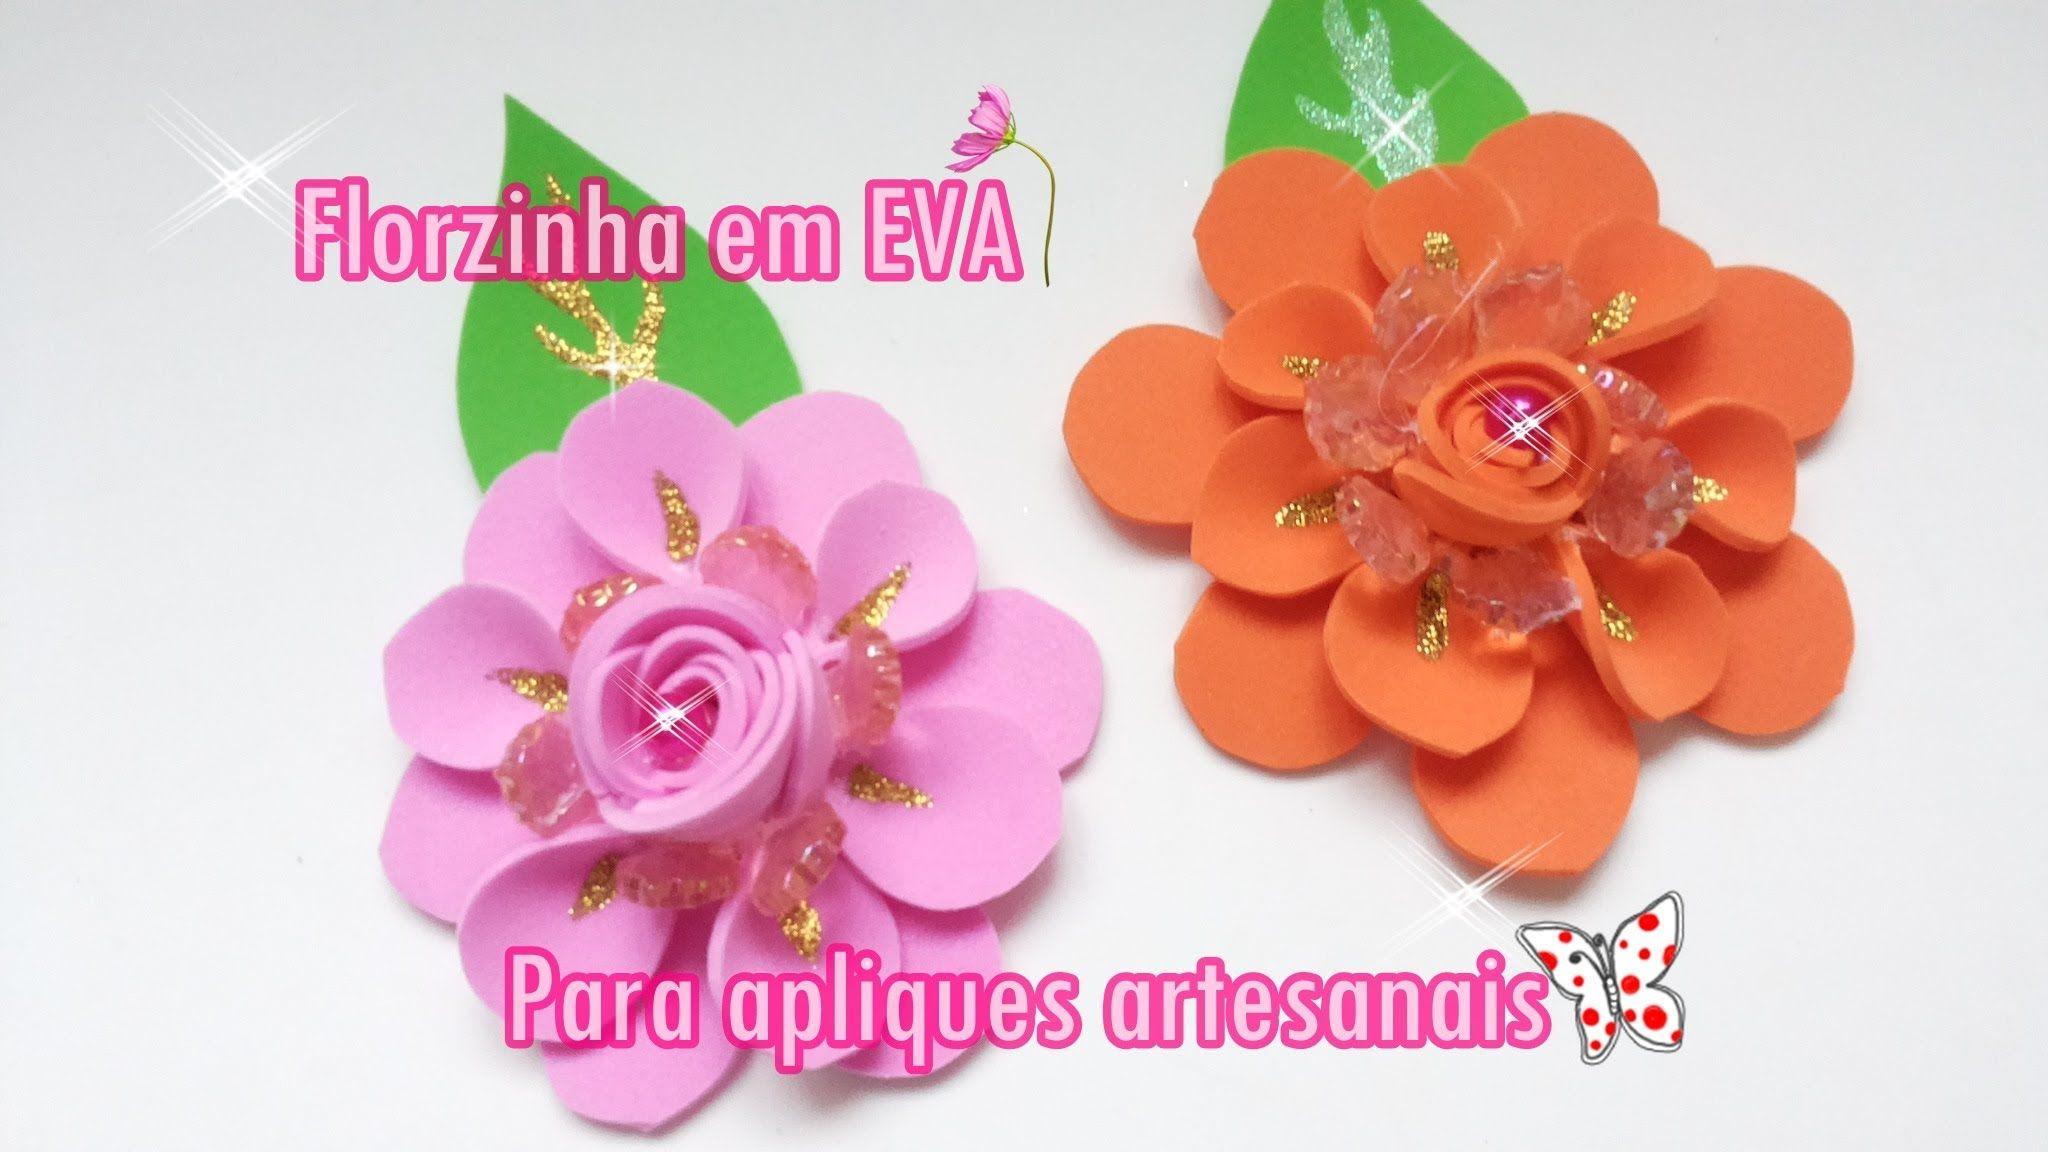 Aparador Movel Branco ~ Flor em EVA para apliques artesanais passo a passo ARTESANATO Pinterest Molde, Ems e Youtube